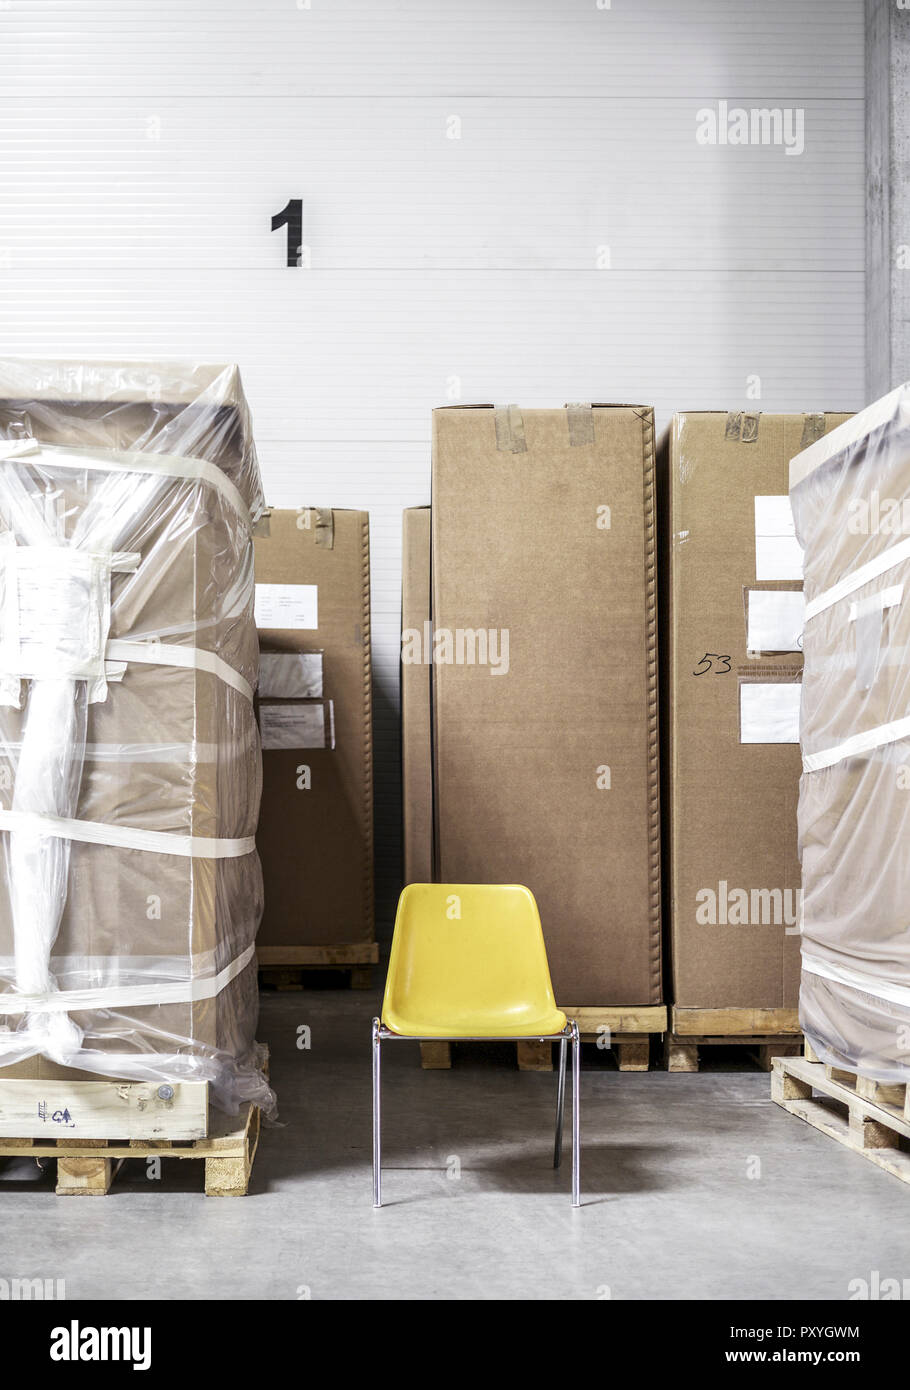 steht Kartons mit Photo Stuhl zwischen Paletten Stock TJFKc1l3